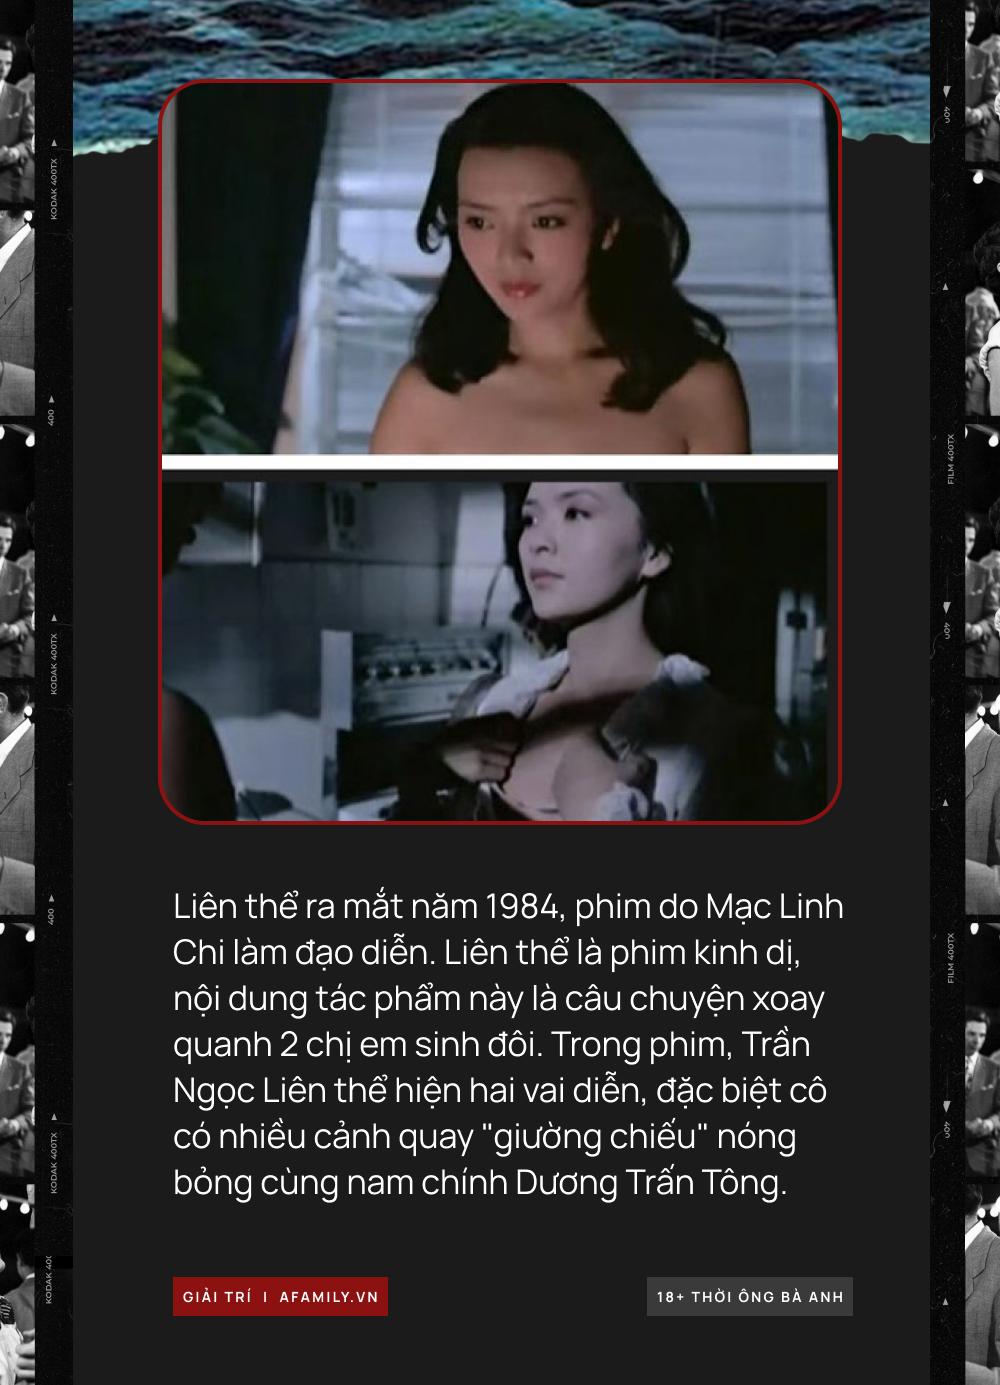 """Phim 18+ của Trần Ngọc Liên: Sụp đổ hình tượng """"Tiểu Long Nữ"""", tự sát vì Châu Nhuận Phát bất thành nên đóng phim cấp 3 - Ảnh 1."""